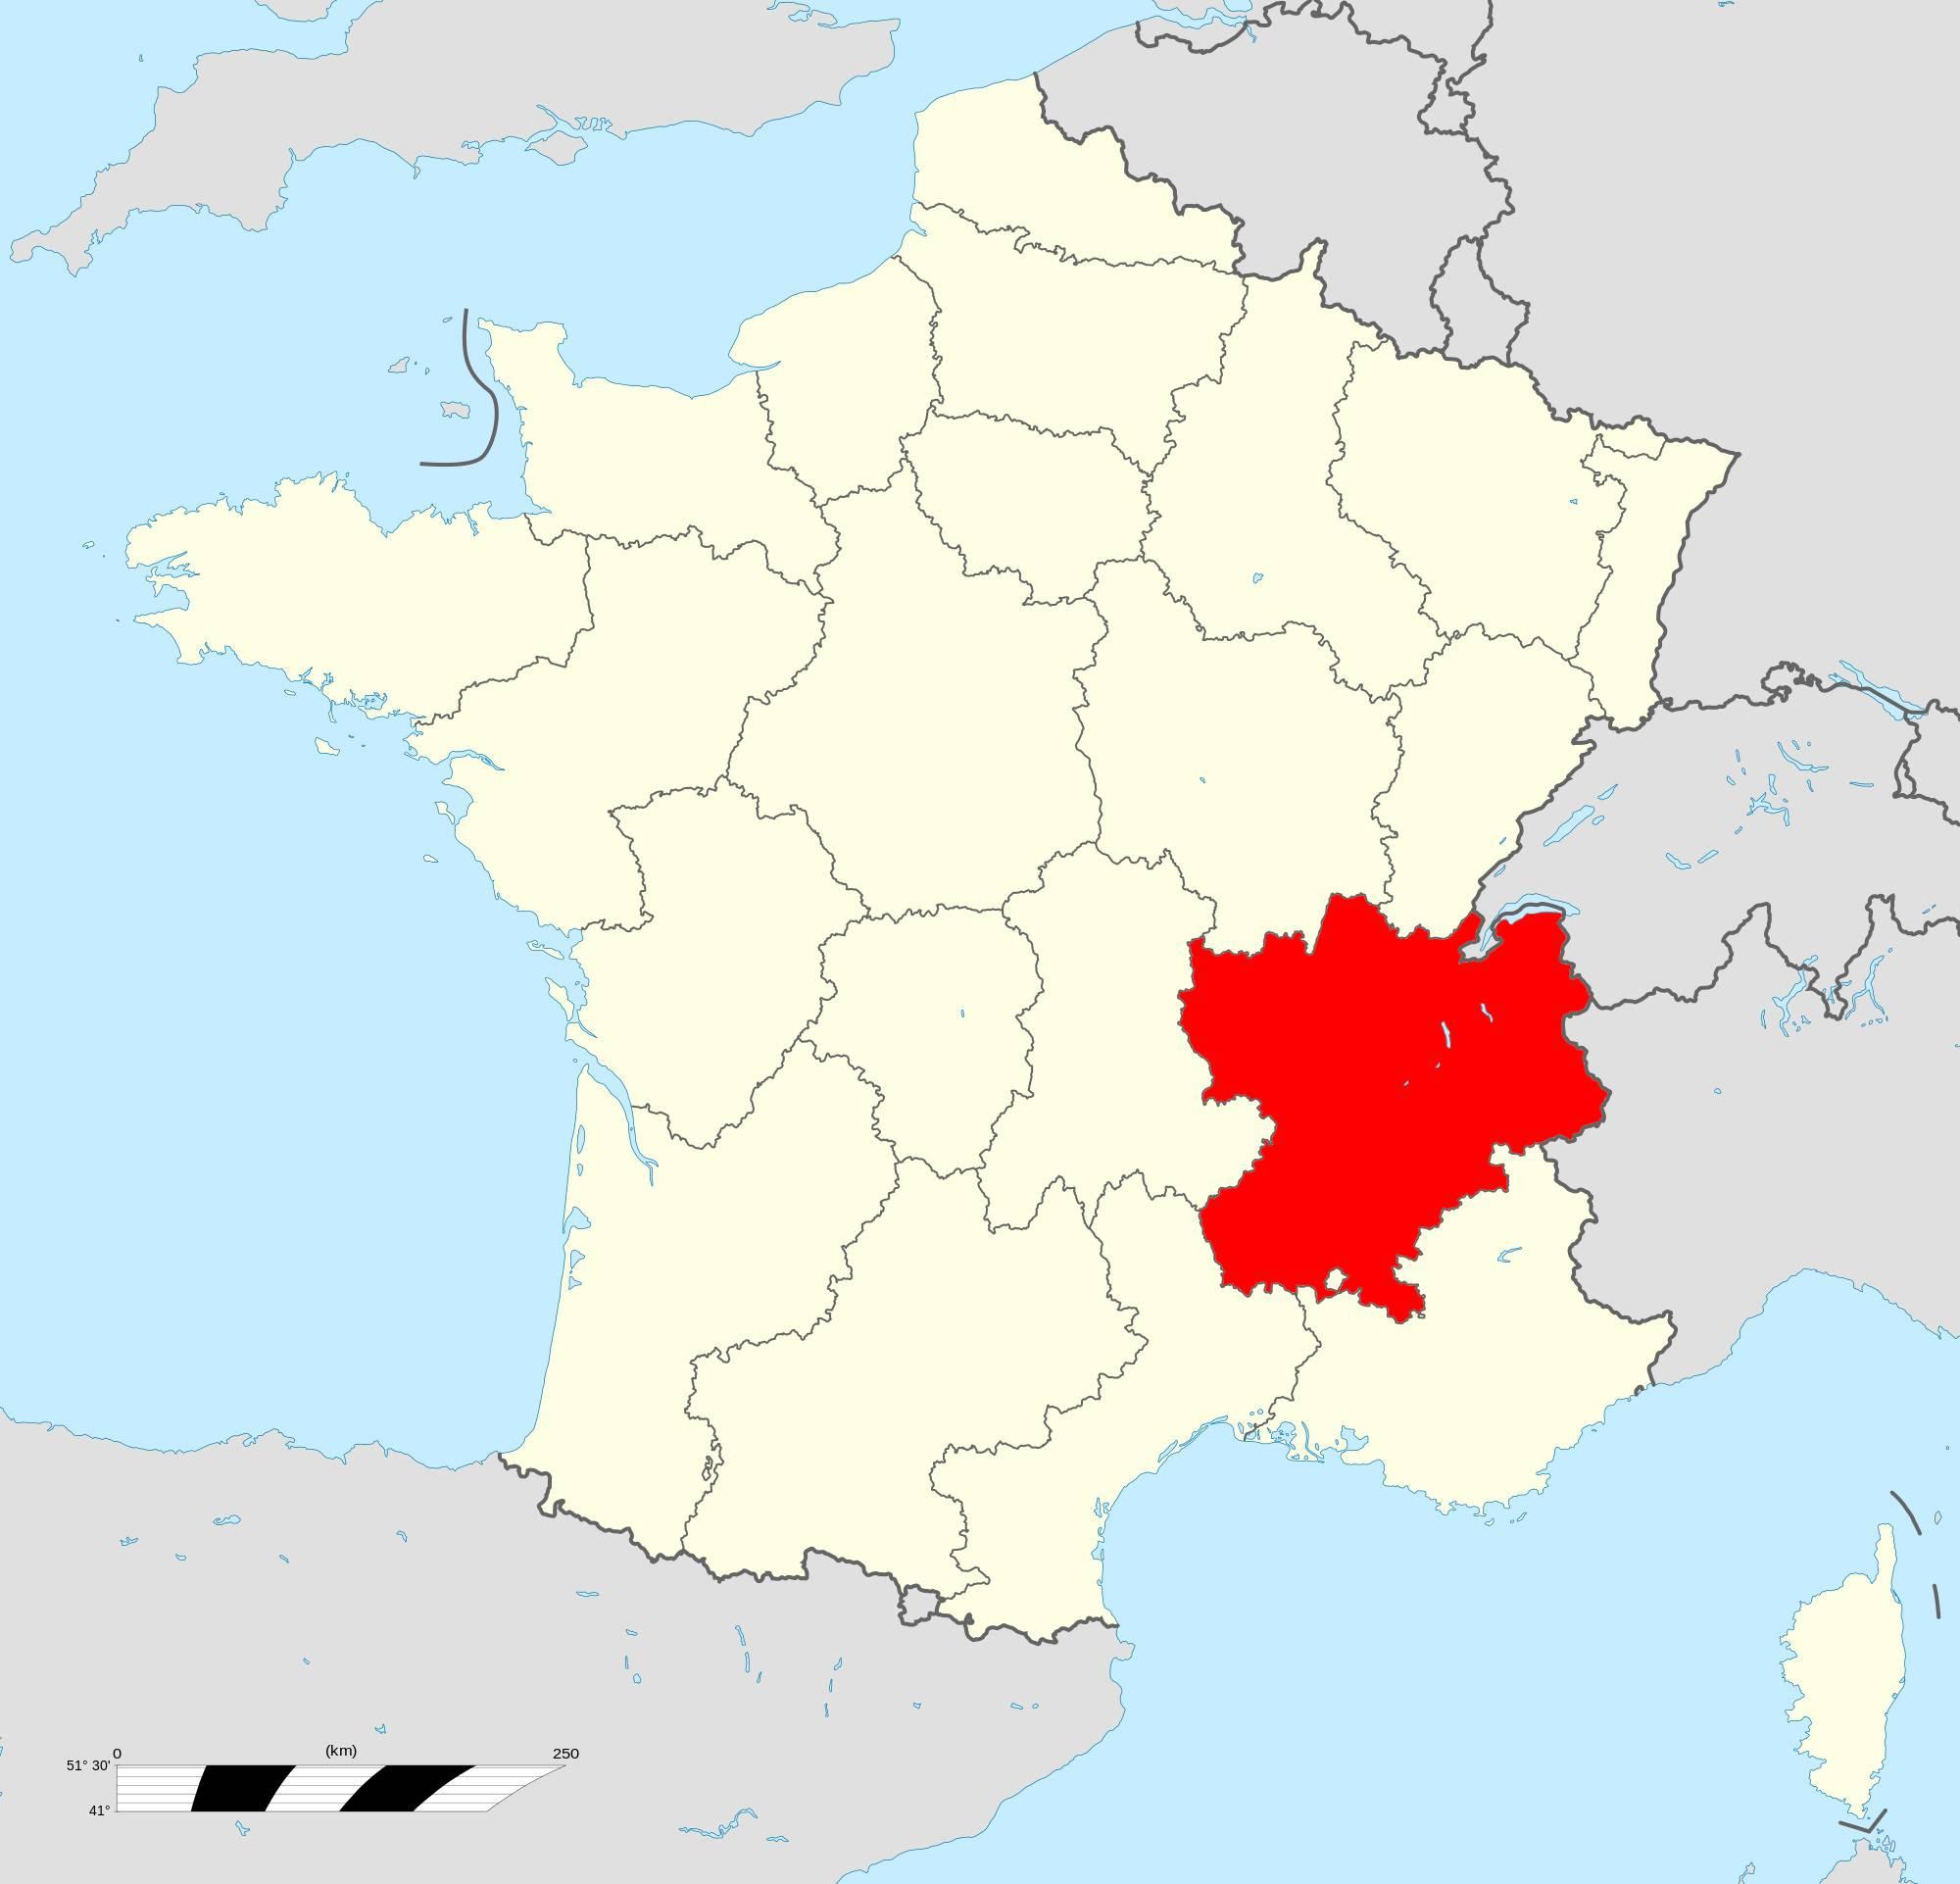 Où se trouve la région Rhône-Alpes ?